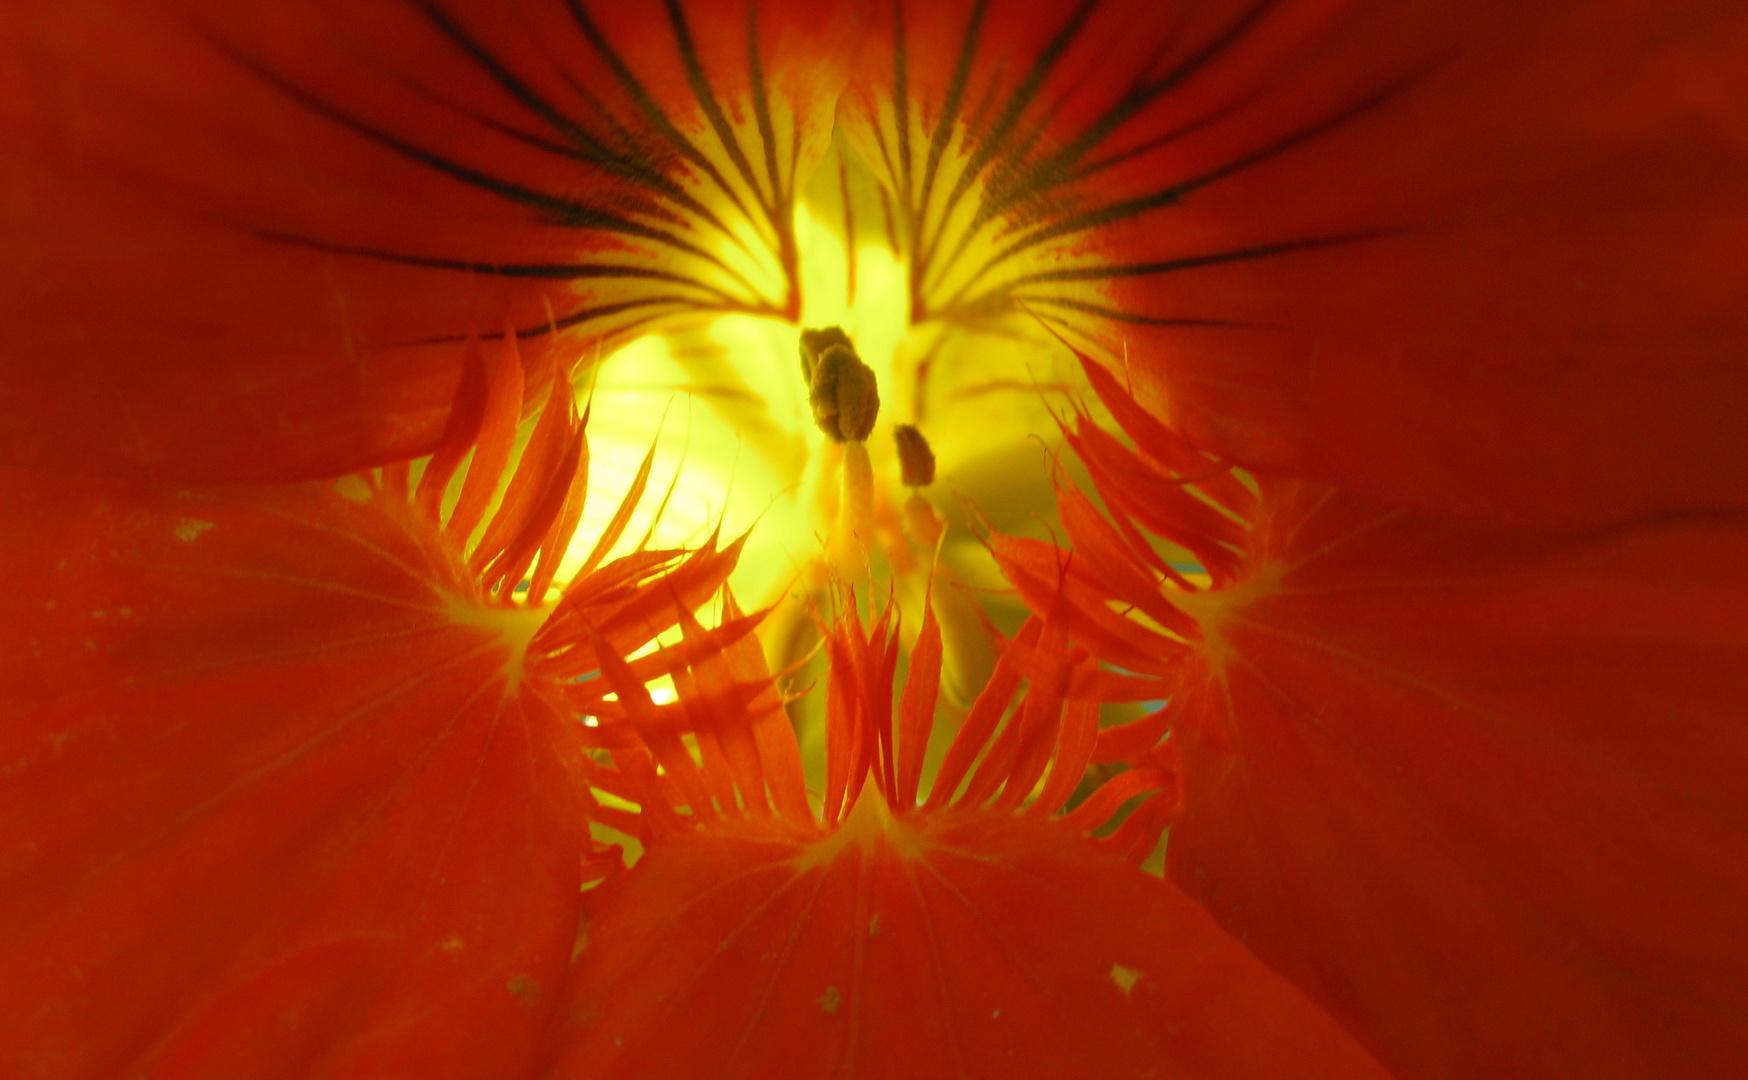 Kapuzinerkresse-Blüte... von innen mit Lichtspiel